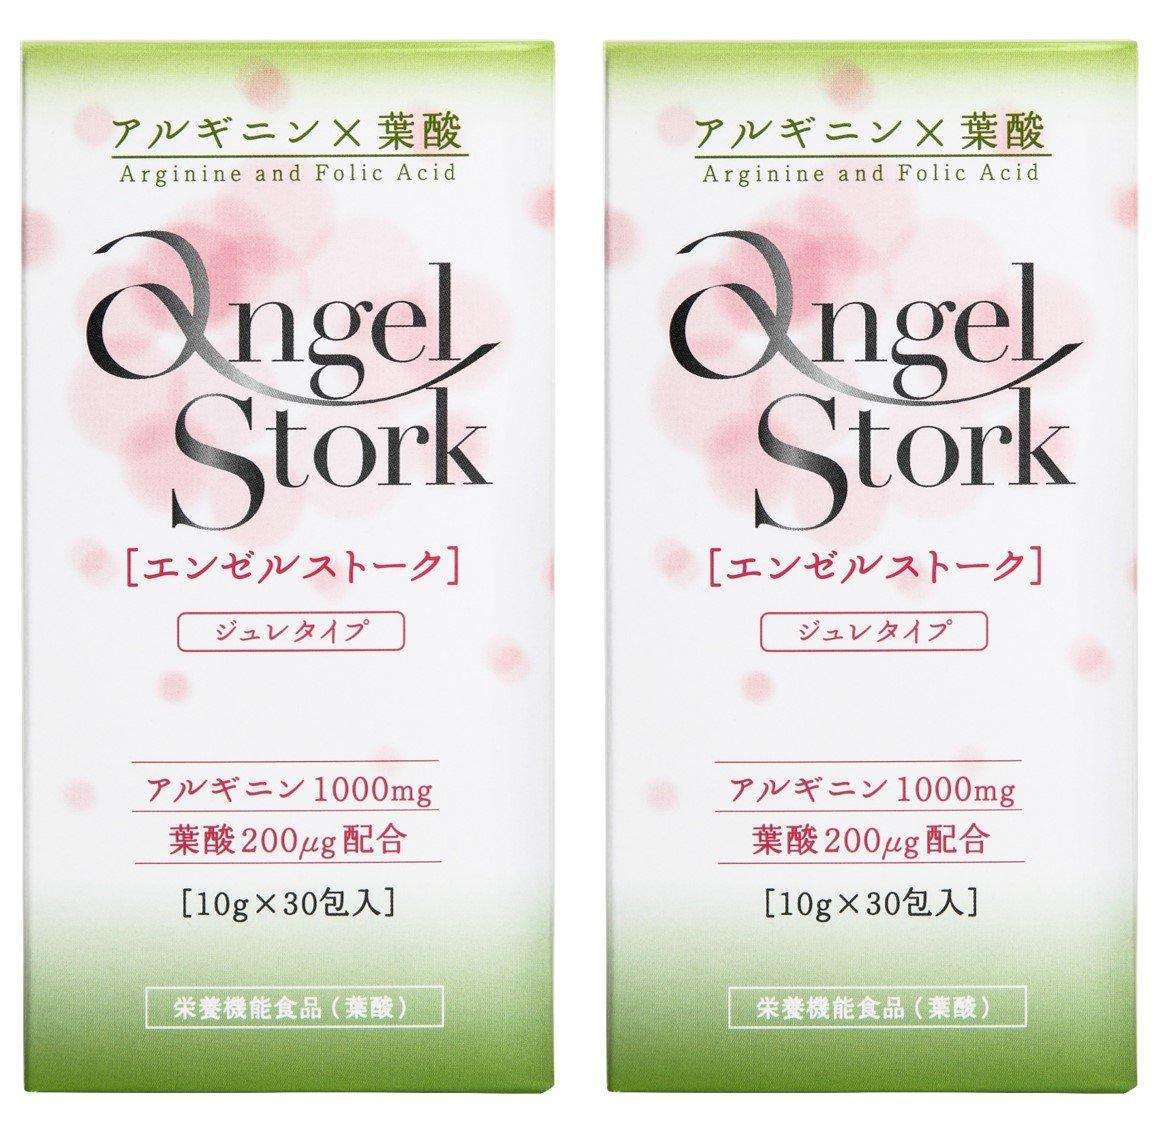 エンゼルストーク(Angel Stork)ジュレタイプ 30本×2箱セット B07DF3TX7W